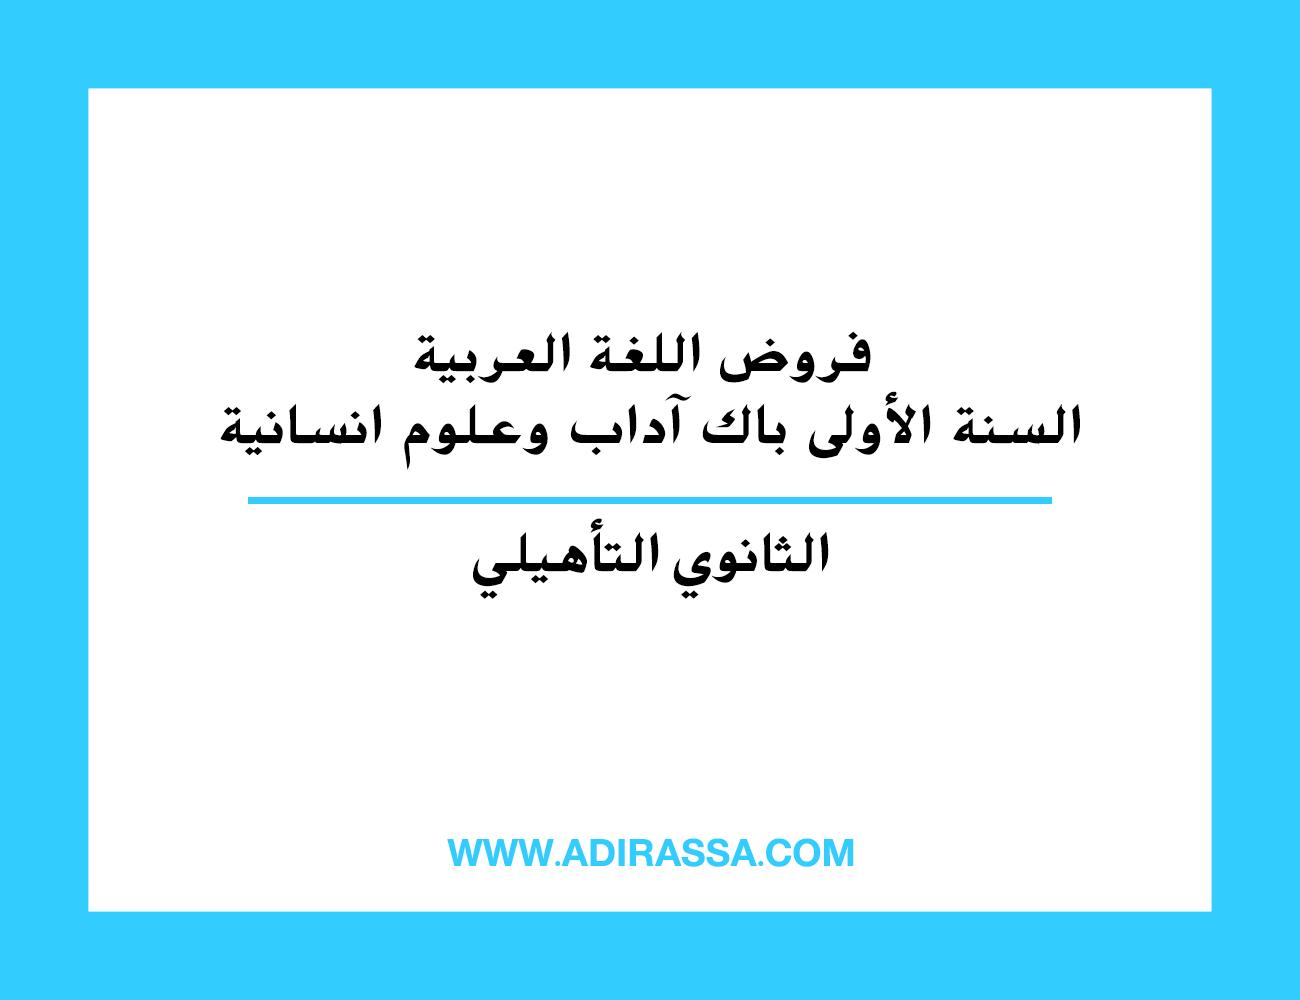 فروض اللغة العربية السنة الأولى باك آداب وعلوم انسانية بالثانوي التأهيلي